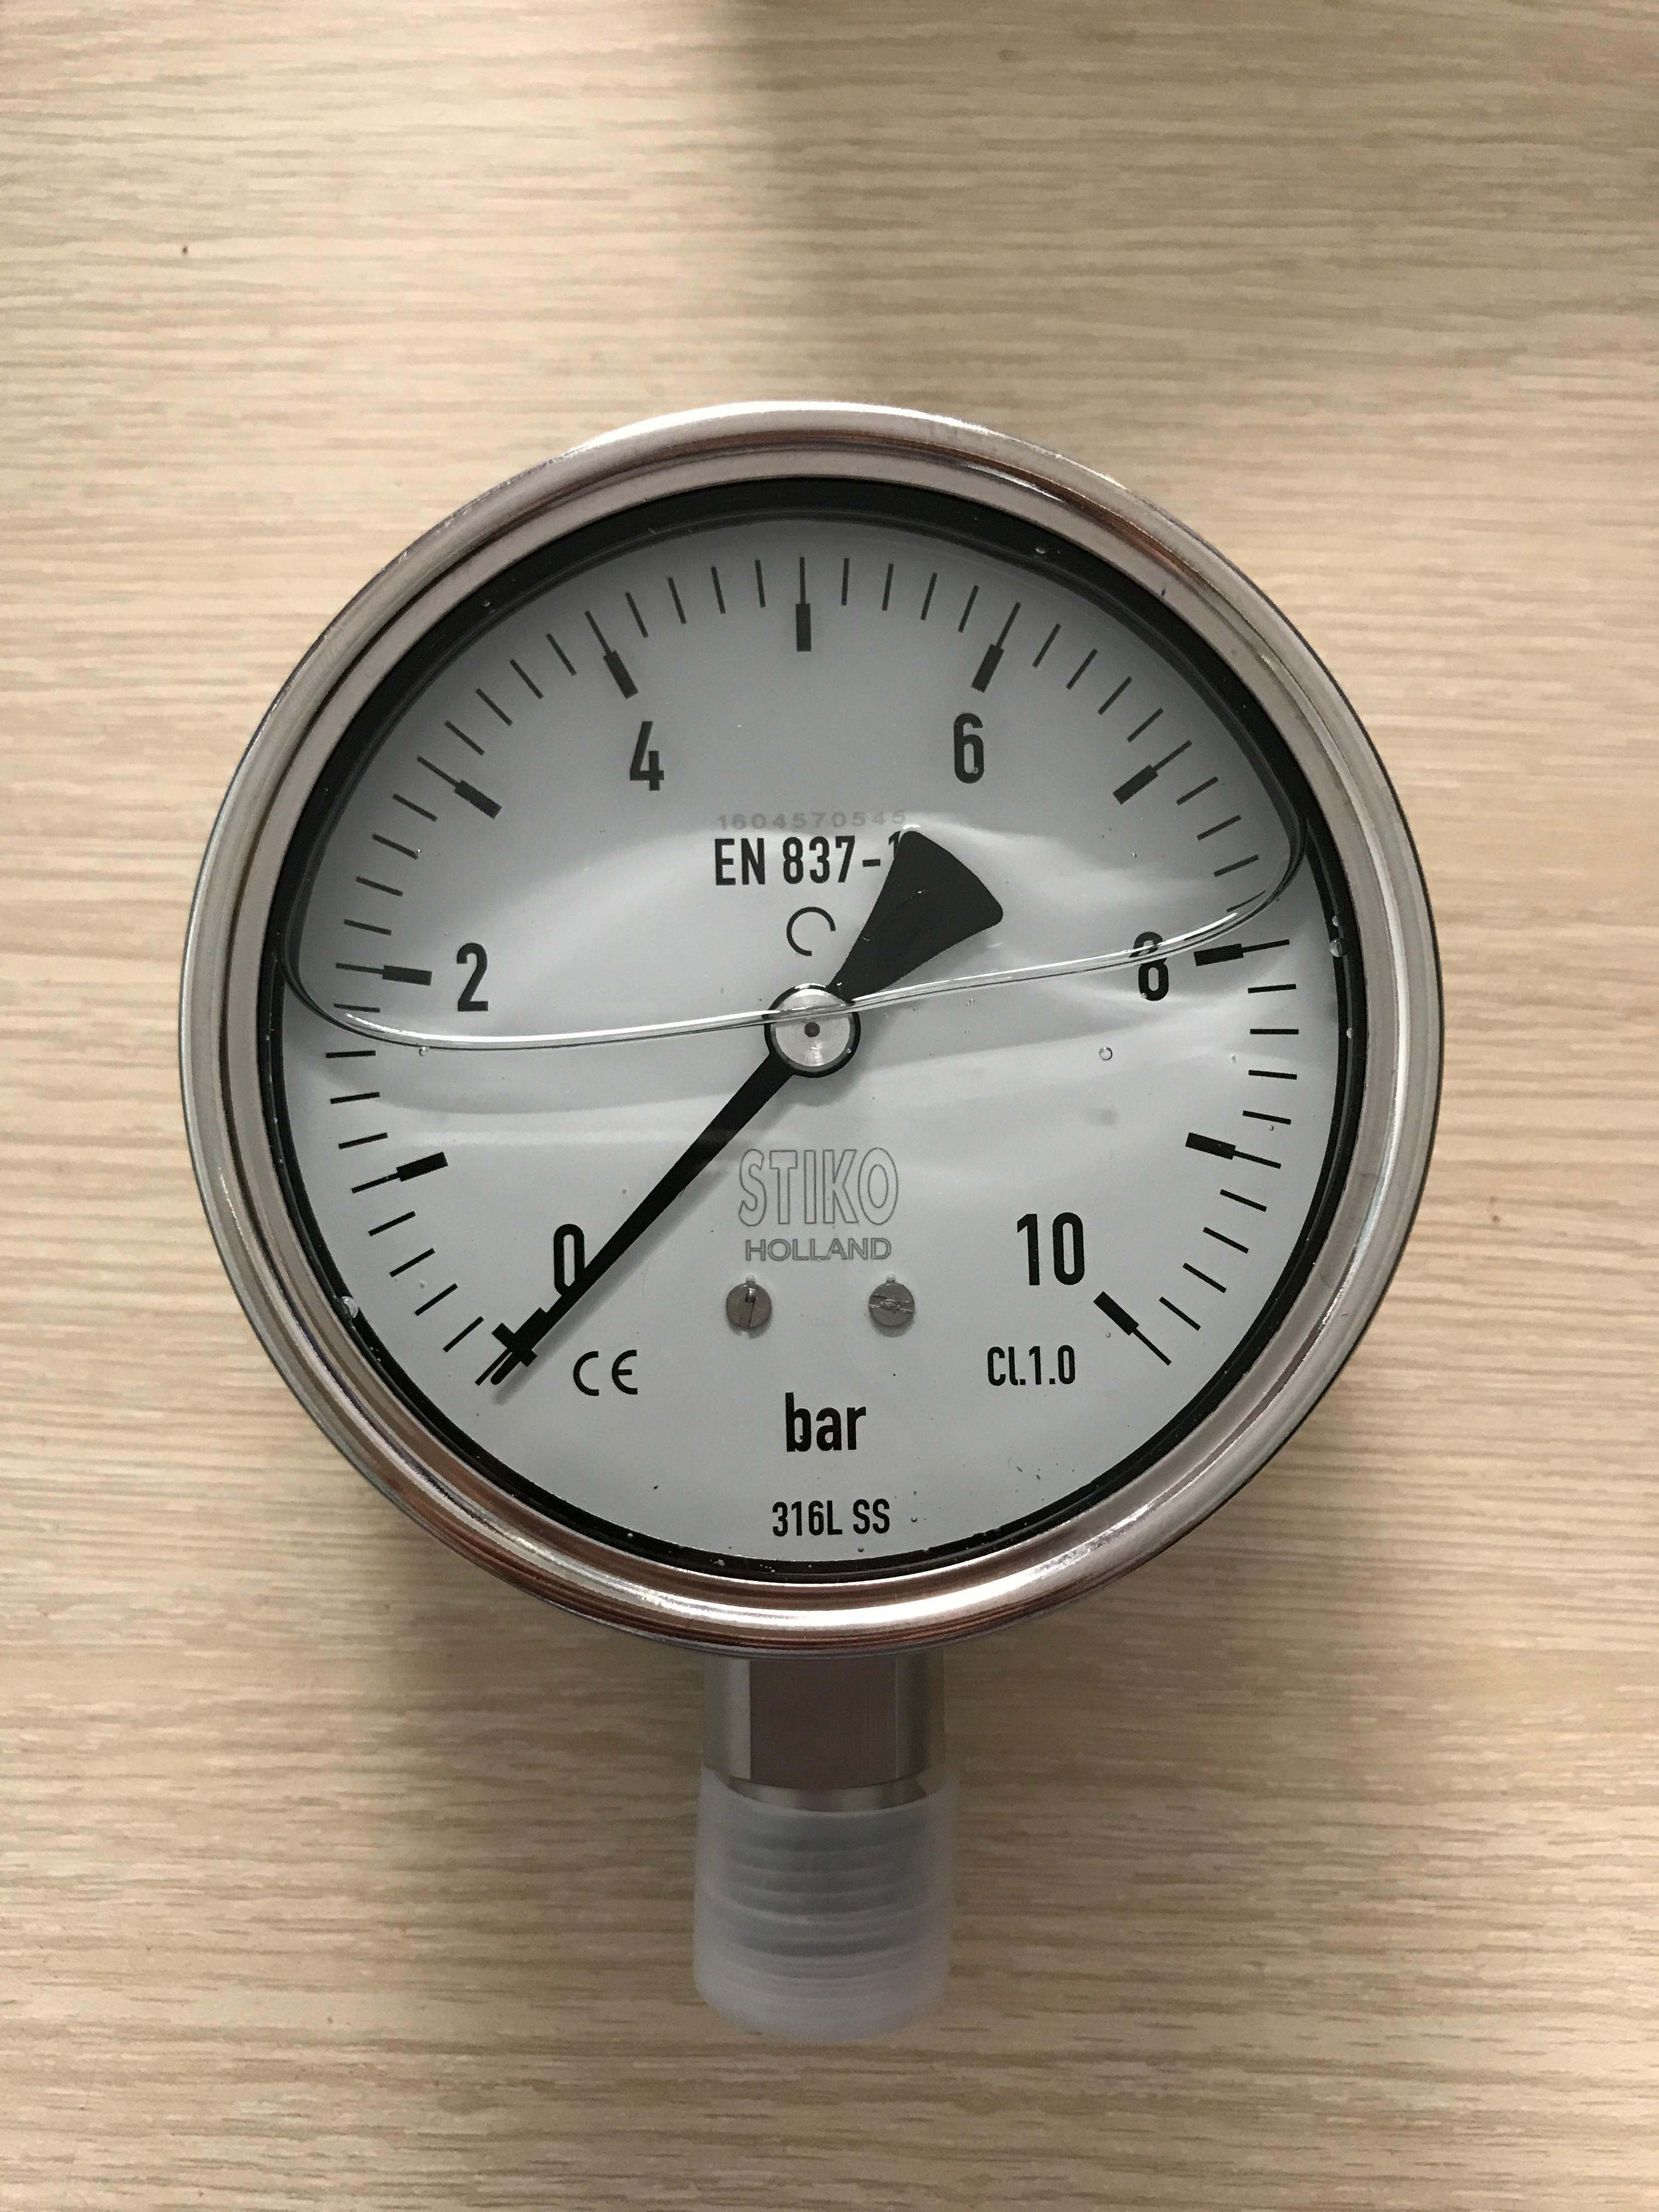 đồng hồ đo áp suất inox mặt 100mm dãy đo 0-10 bar